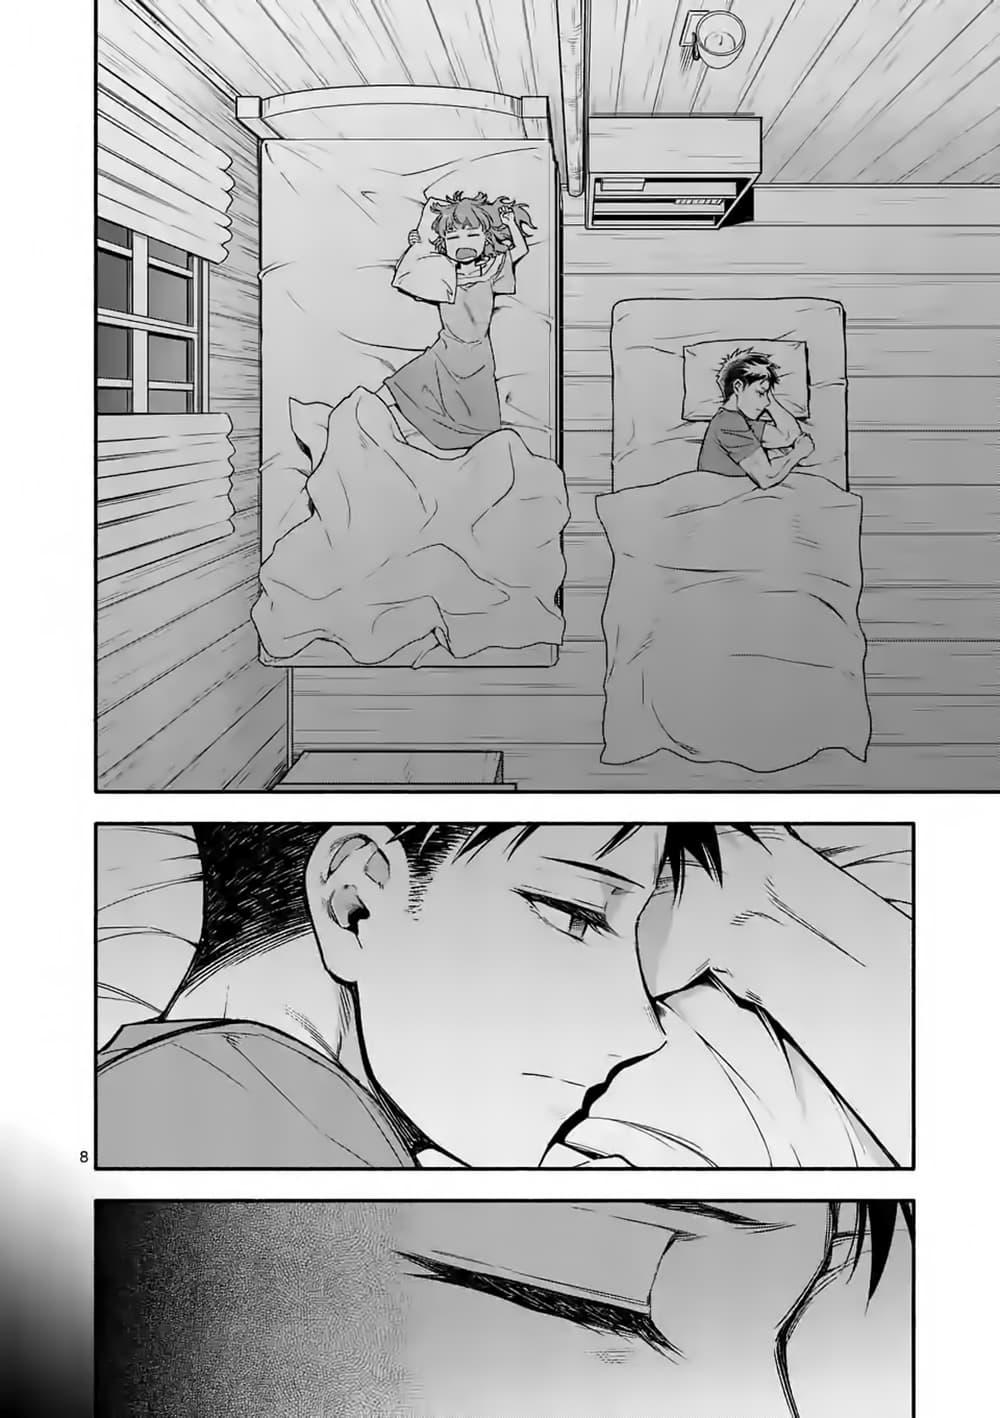 อ่านการ์ตูน Shi ni Modori, Subete o Sukuu Tame ni Saikyou ตอนที่ 6 หน้าที่ 8